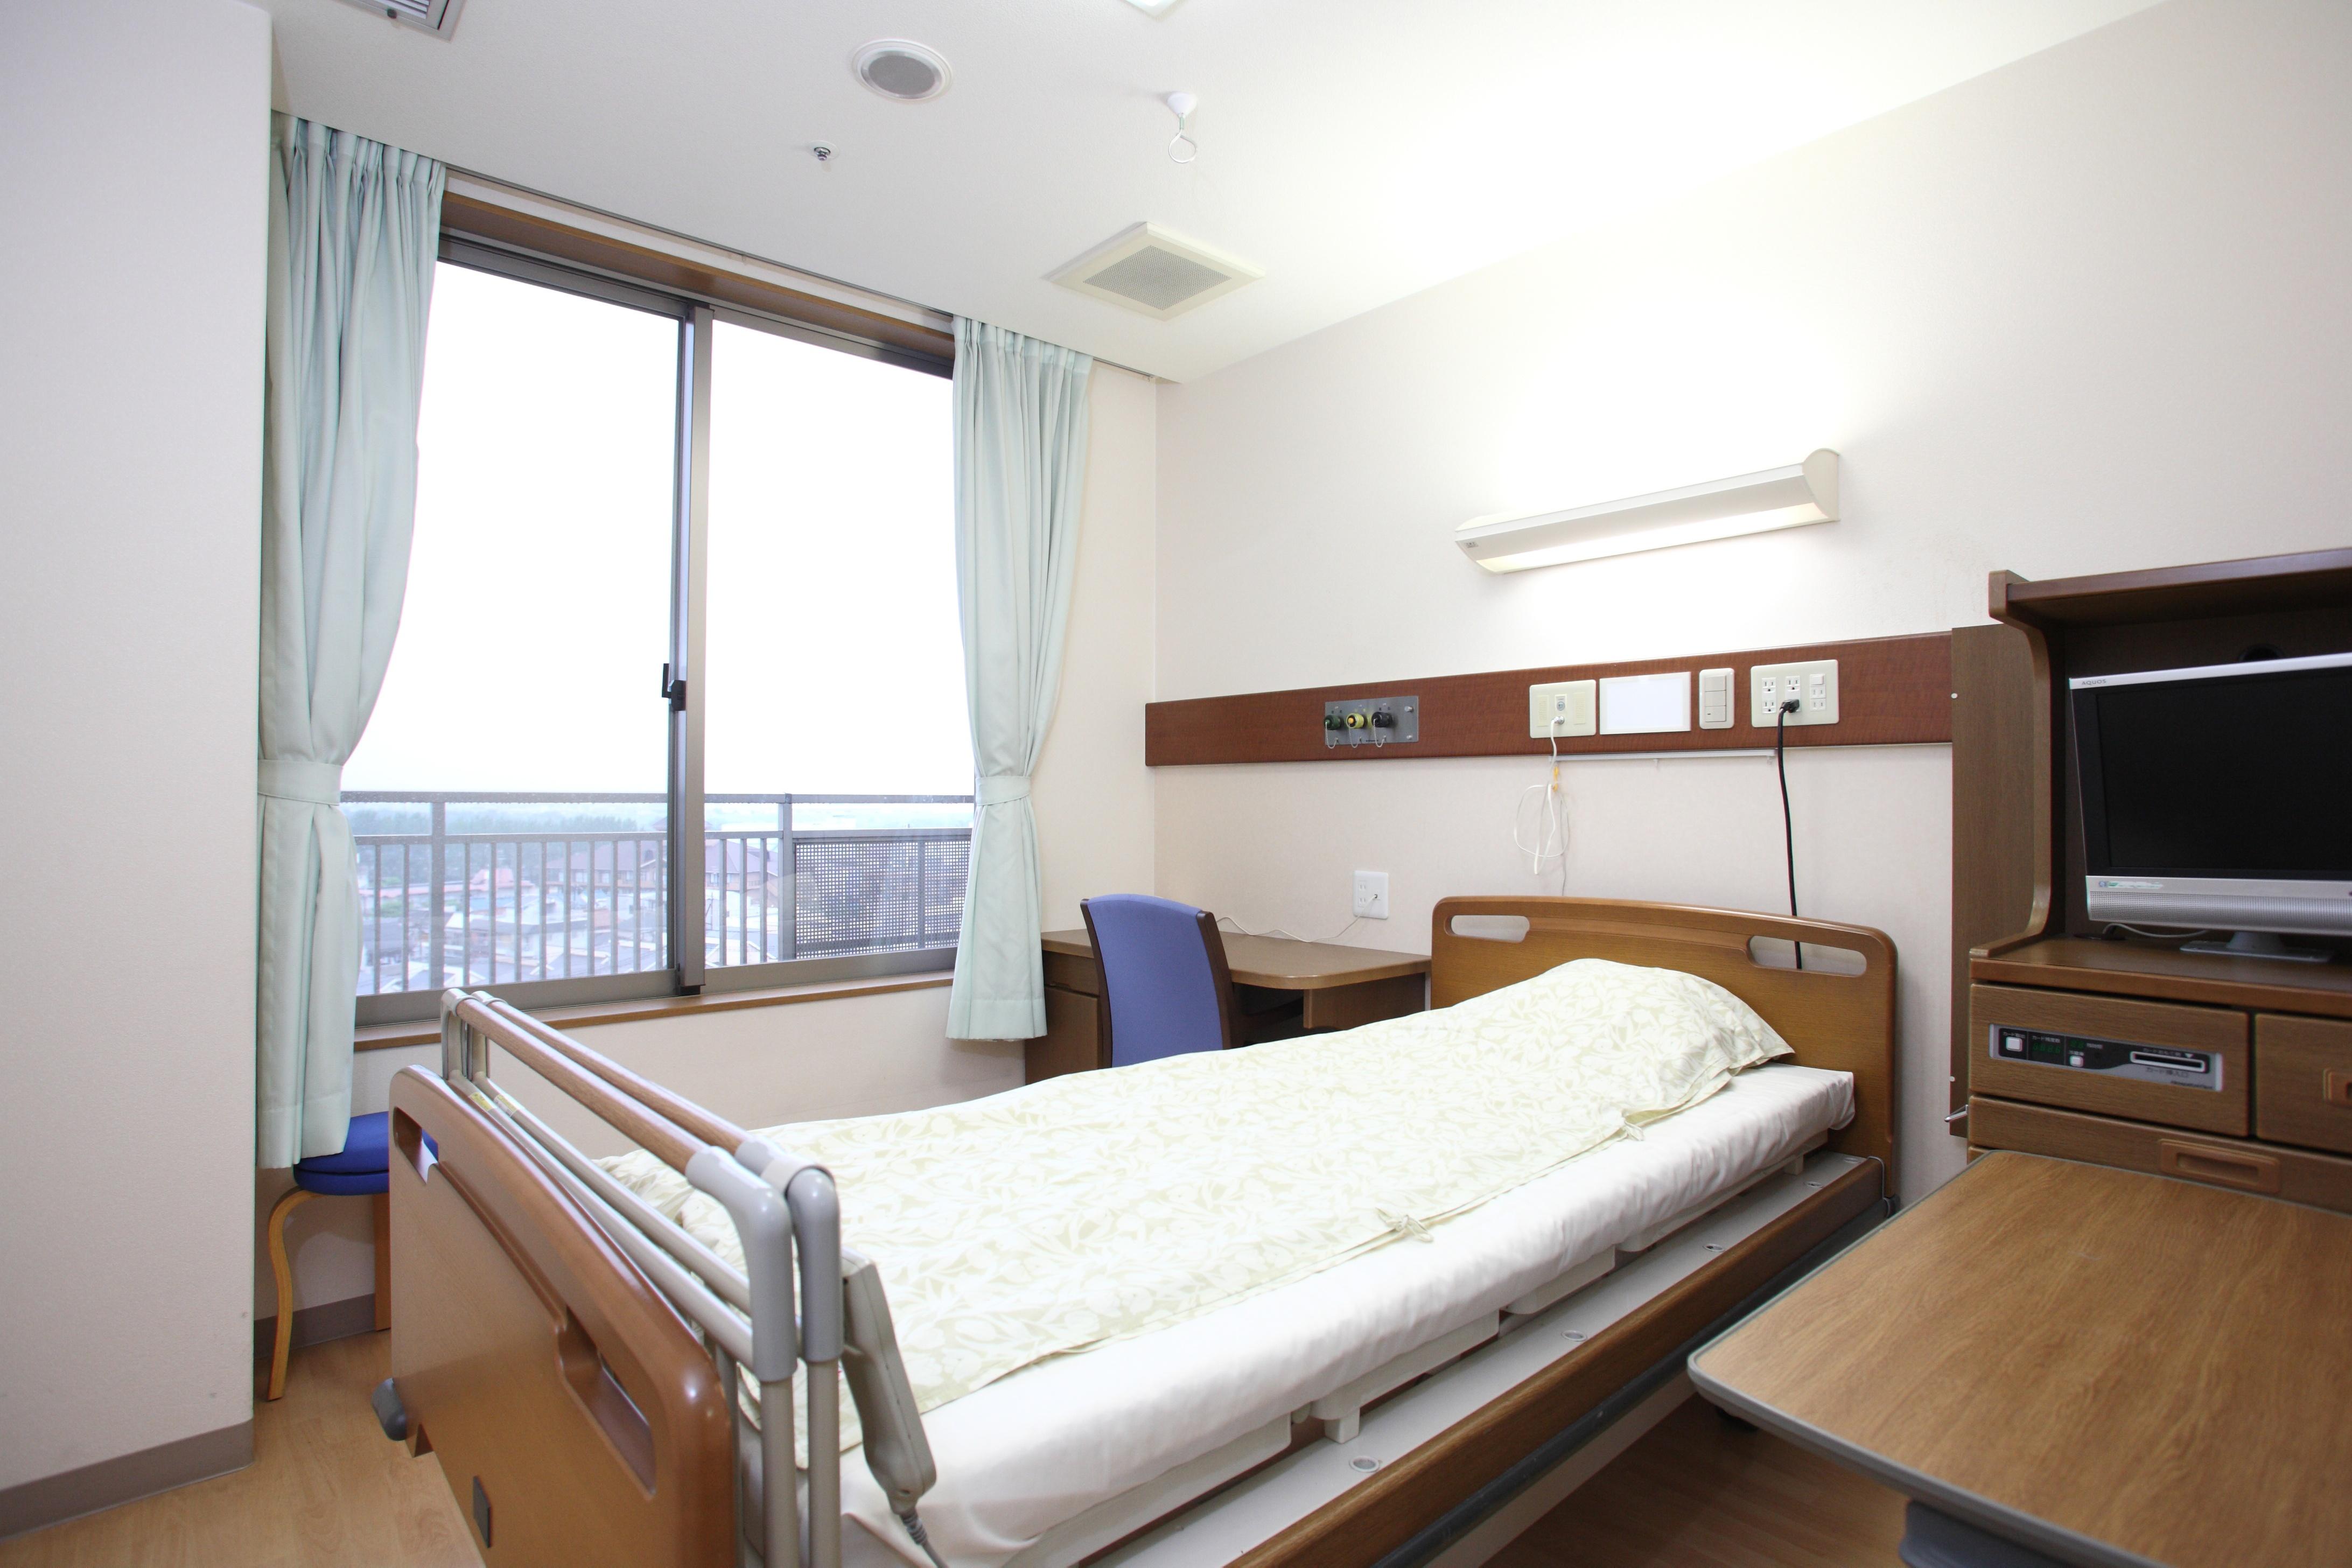 札幌市厚別区「札幌ひばりが丘病院」で30数品目の麻薬の在庫が合わず薬剤師を書類送検